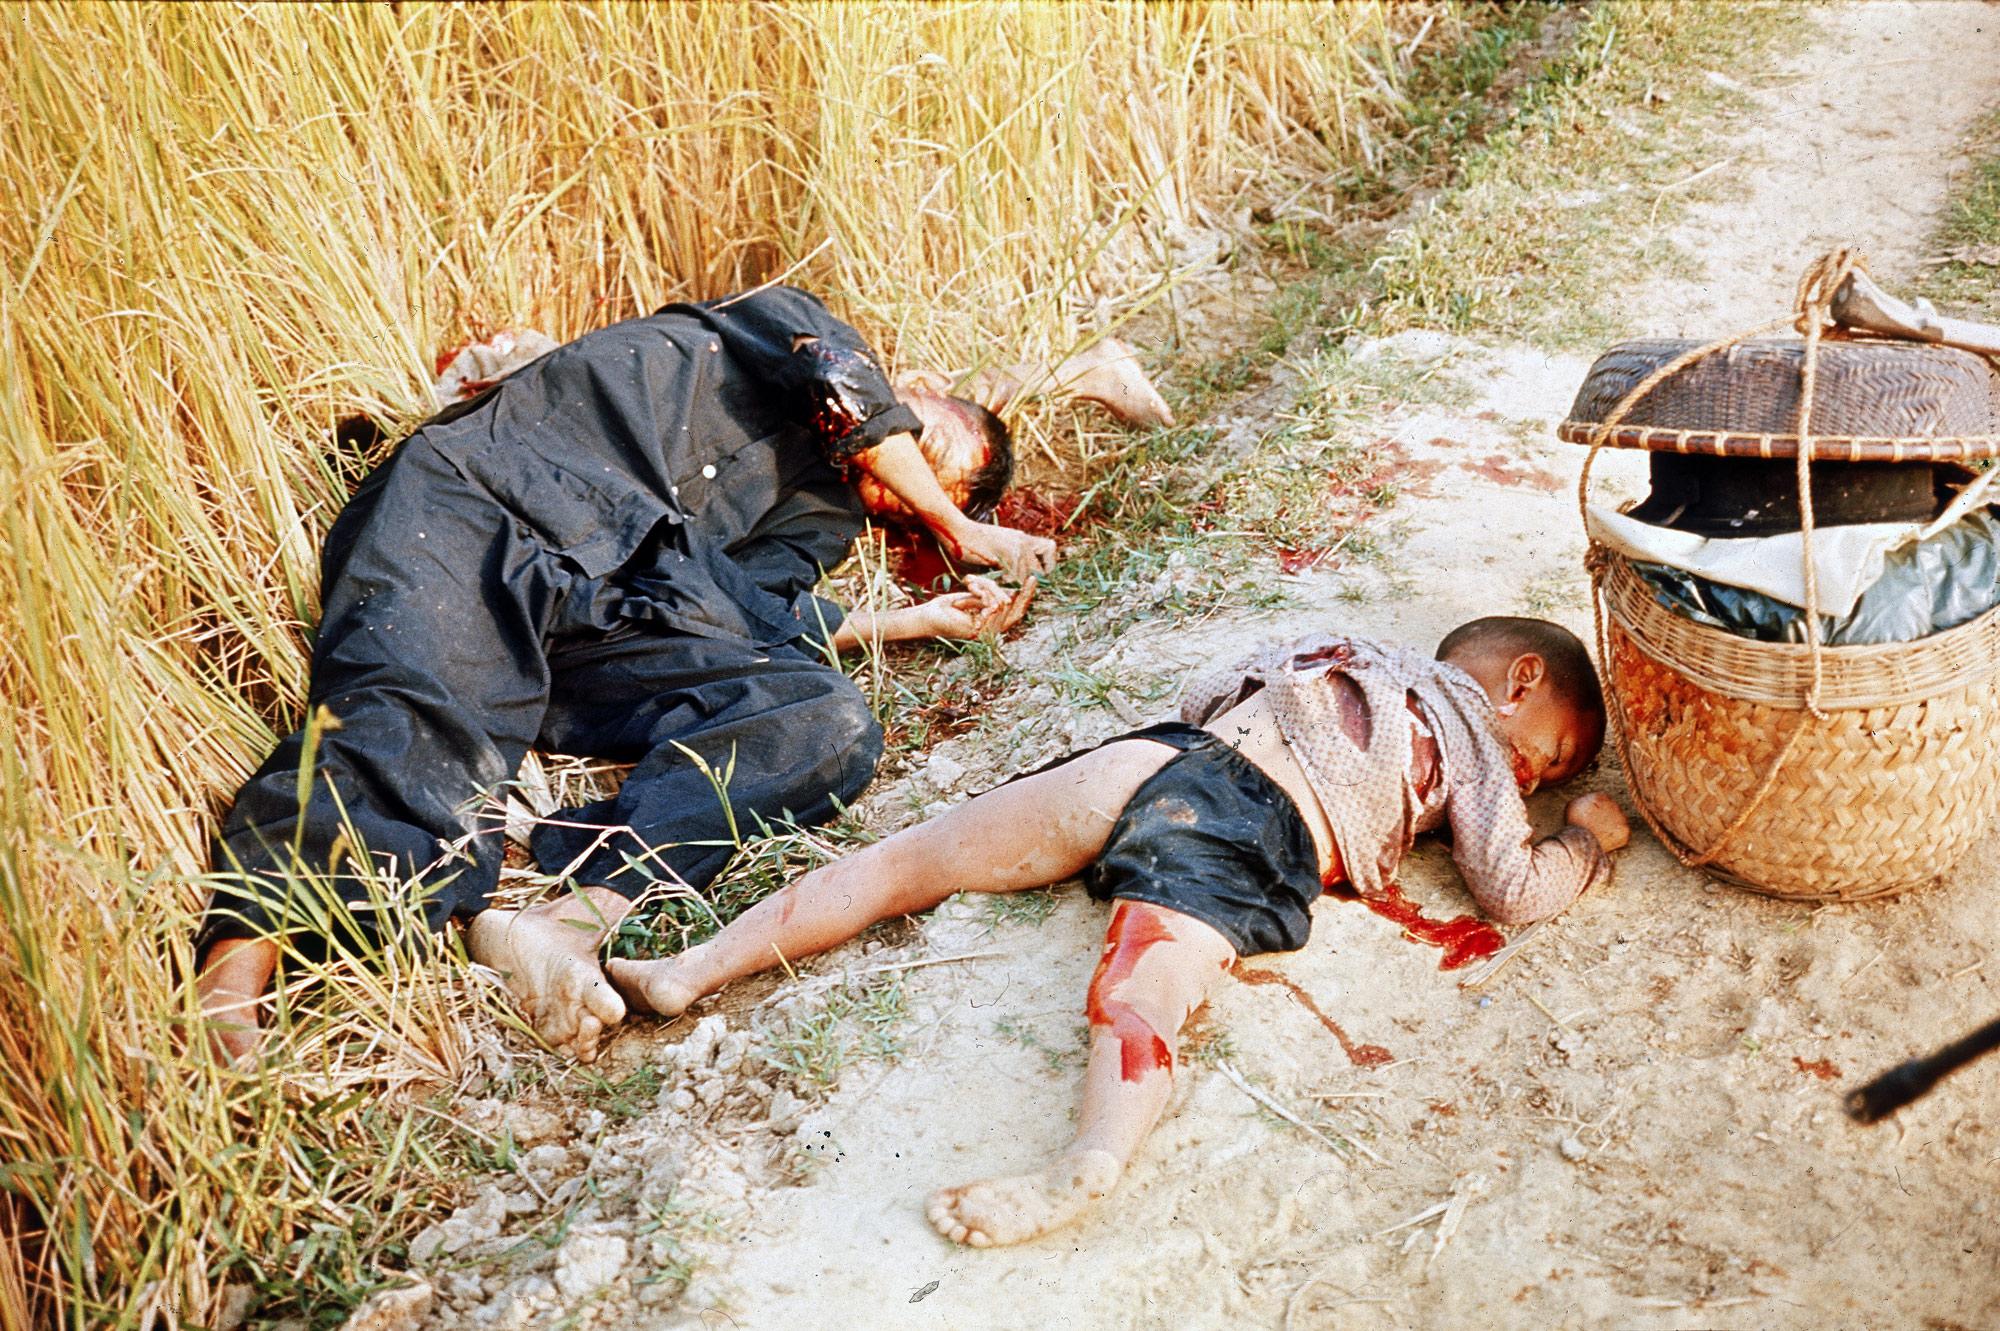 Un día como hoy... - Página 2 My_Lai_massacre3